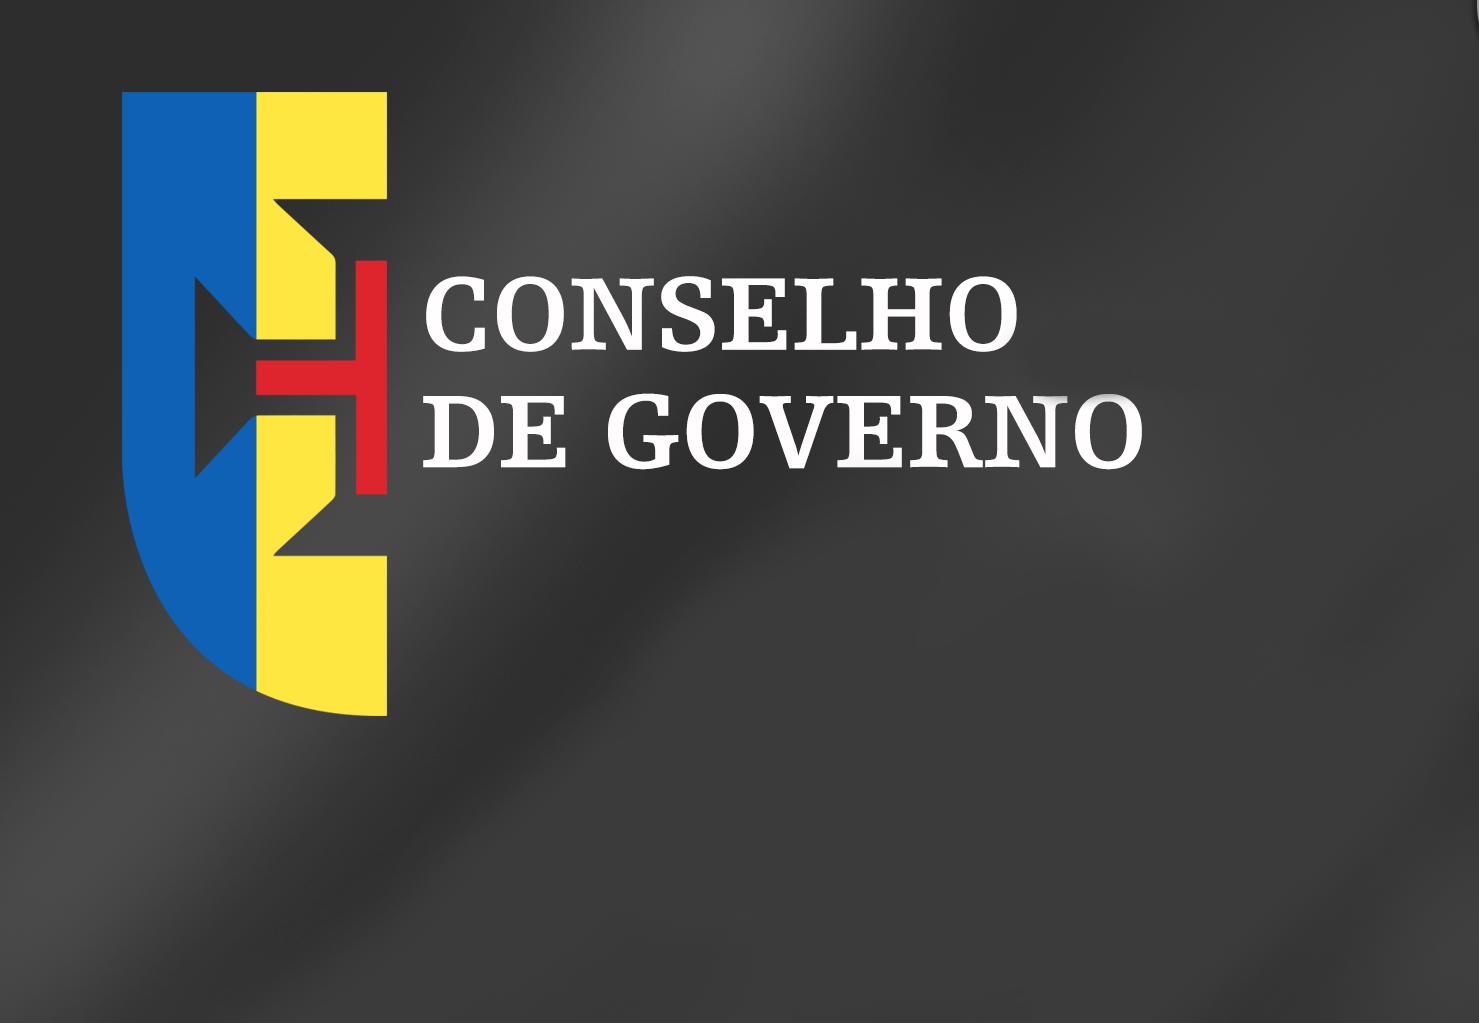 Conclusões do Conselho de Governo - 28 de novembro de 2019